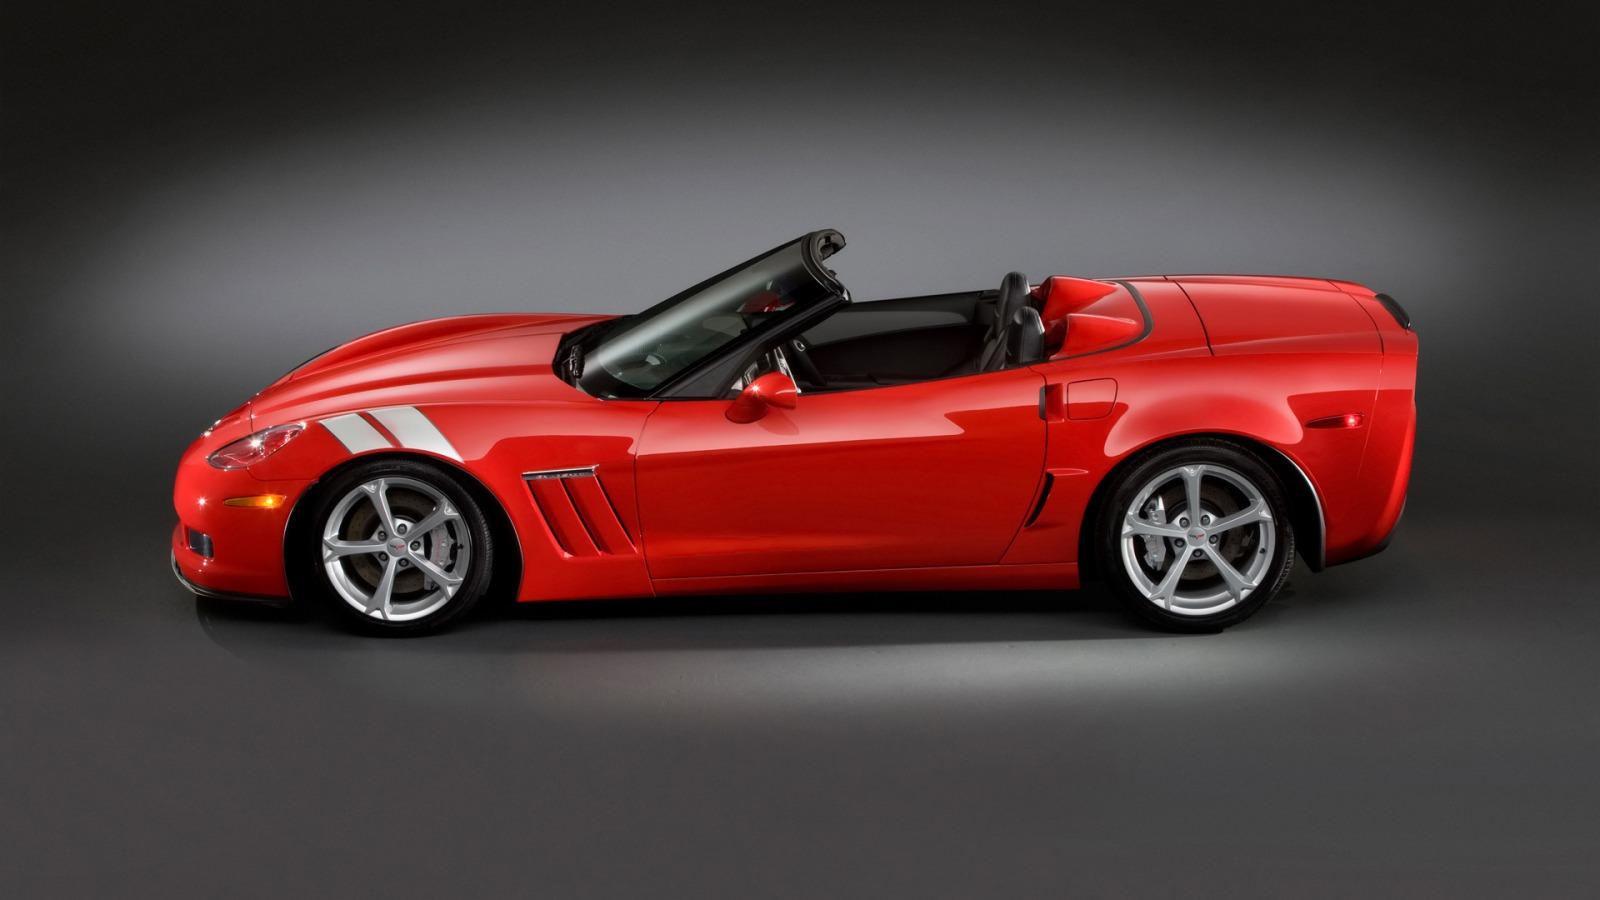 Sport Cars Corvette Grand Chevrolet 280229 Wallpaper wallpaper